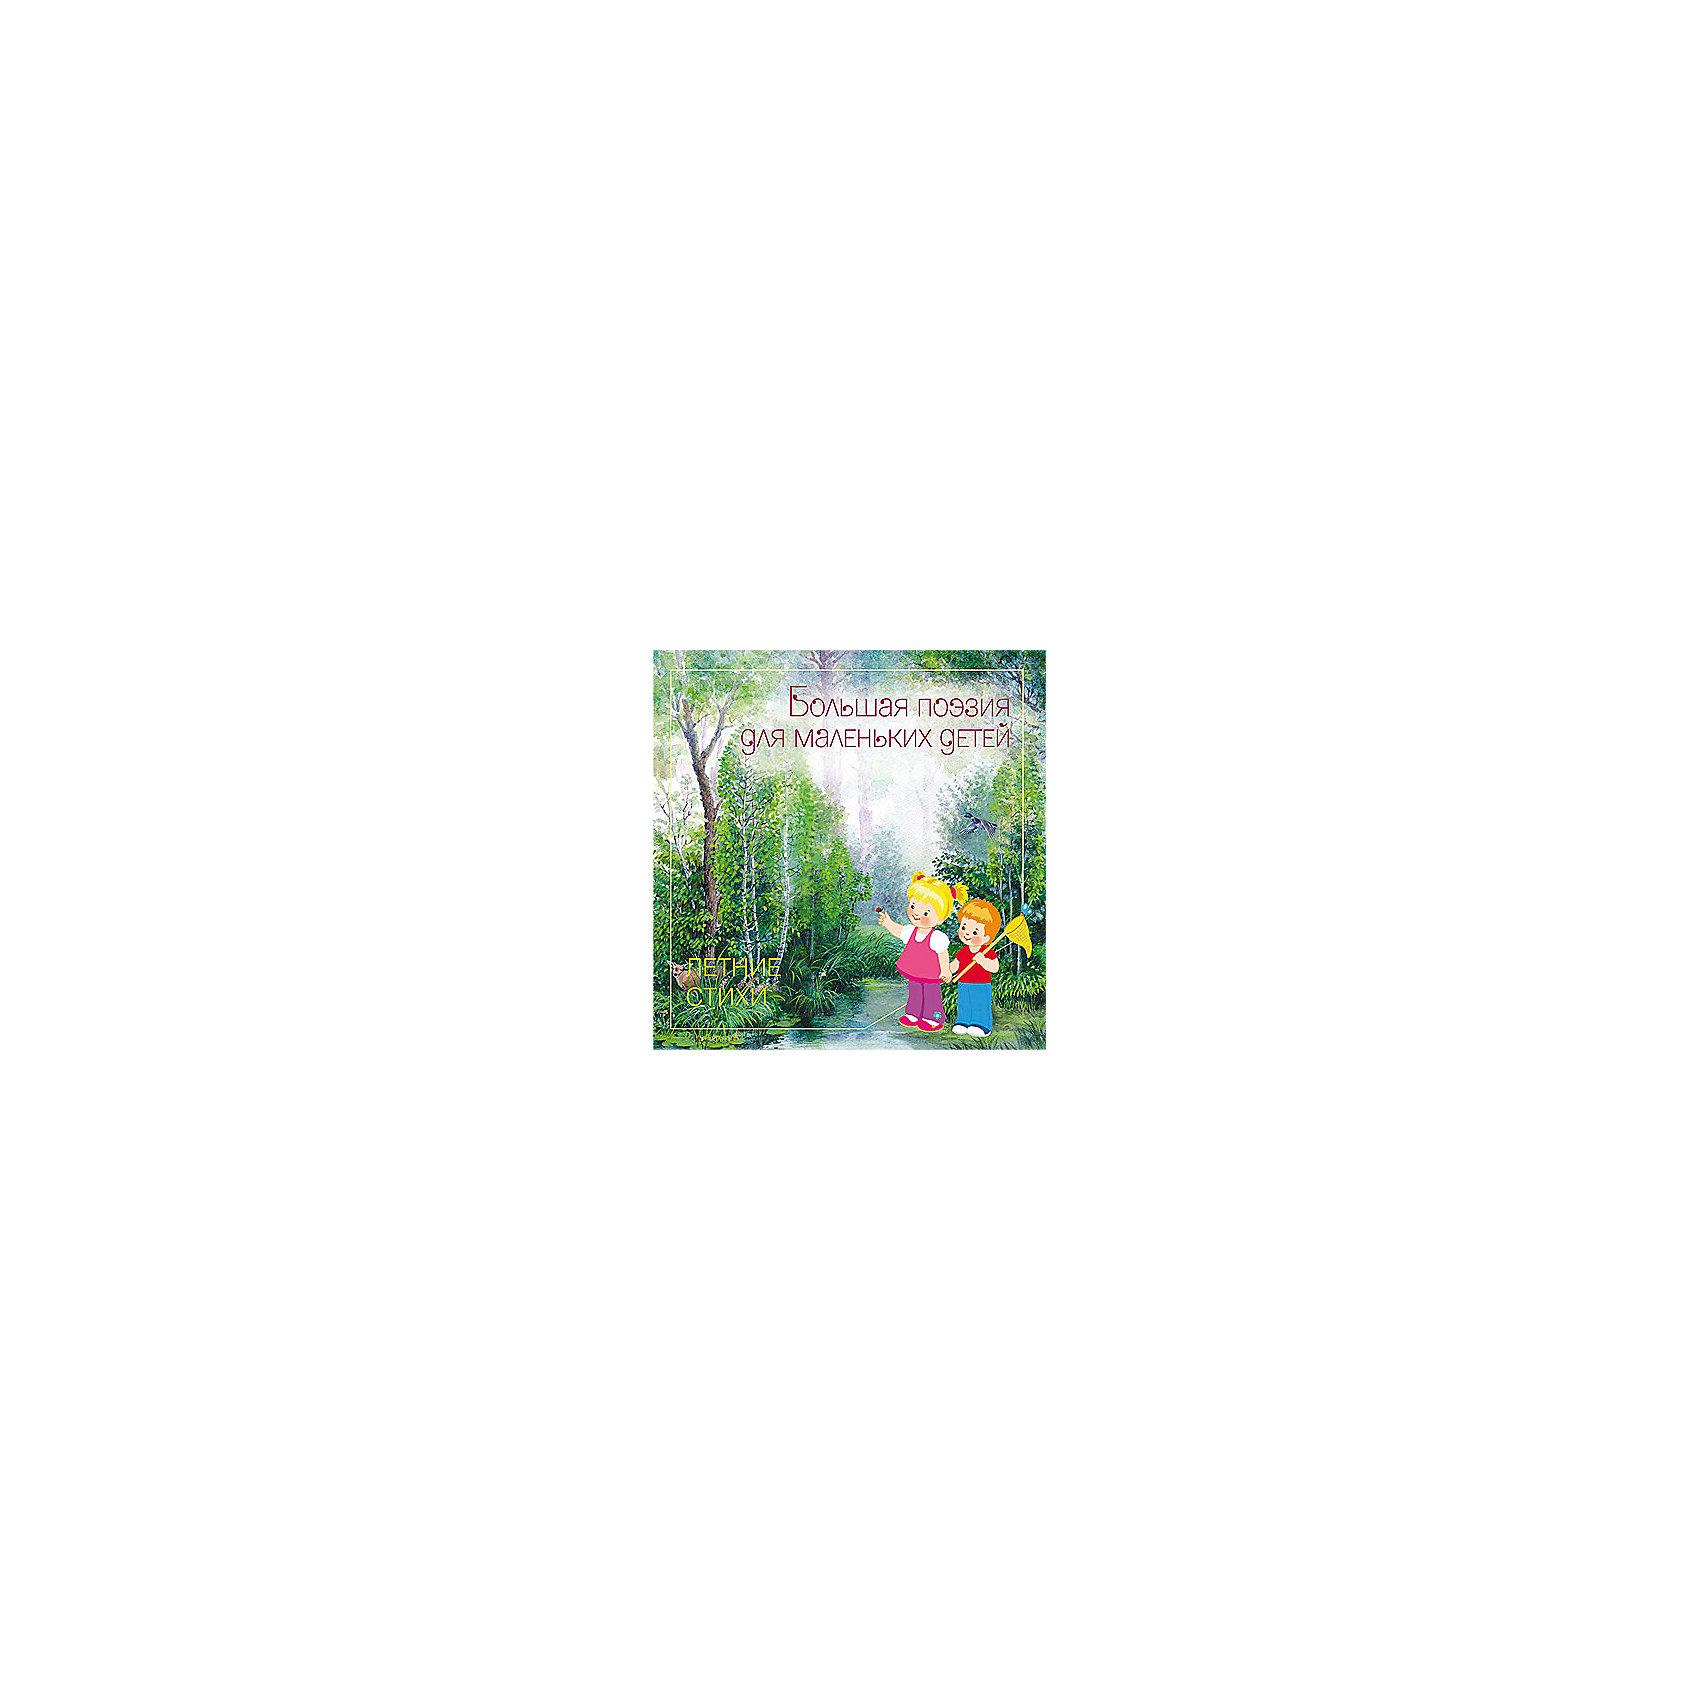 Сборник стихотворений русских классиков Летние стихиСказки, рассказы, стихи<br>Большая поэзия для маленьких детей.Летние стихи<br>На страницах этой книги собраны лучшие стихи русских классиков о природе.<br>Это произведения А.С. Пушкина, В.А. Жуковского, Ф.И. Тютчева, Н.А. Некрасова, С.А. Есенина и других великих поэтов.<br>Чтение принесет радость как малышам, для которых создана эта замечательная книга, так и взрослым.<br>Все стихи разделены на четыре раздела: зима, весна, лето и осень.<br>Этим темам соответствует и оформление книги, богатое и красочное.<br>Каждый разворот – это великолепный акварельный пейзаж. На его фоне крупным, хорошо читаемым шрифтом напечатано стихотворение.<br>Книга предназначена детям с 3 до 9 лет.<br>Самым маленьким будут читать взрослые.<br>Слушать поэтические произведения очень важно с самого детства.<br>Ритмичные, мелодичные, ясные и эмоционально окрашенные стихи помогут малышу развить чувство прекрасного и художественный вкус, привьют ему уважение к природе и любовь к Родине.<br>Чудесные иллюстрации и гармоничное звучание стихотворных строк формирует у малыша интерес к книгам и побуждает его к самостоятельному чтению.<br>В книгу входят стихи:<br>Ф.И. Тютчев В небе тают облака…<br>И.С. Никитин Утро<br>Ф.И. Тютчев Как весел грохот летних бурь…<br>Л.Н. Модзалевский Мотылек<br>А.Н. Майков Летний дождь<br>К.Д. Бальмонт Комарики - макарики<br>И.А. Бунин Детство<br>Н.А. Некрасов Крестьянские дети<br>С.А. Есенин С добрым утром!<br>А.Н. Майков Сенокос<br>И.З. Суриков В ночном<br>А.А. Блок Летний вечер<br>А.А. Фет Бабочка<br>А.А. Фет Летний вечер тих и ясен<br><br>Ширина мм: 200<br>Глубина мм: 290<br>Высота мм: 290<br>Вес г: 190<br>Возраст от месяцев: 36<br>Возраст до месяцев: 84<br>Пол: Унисекс<br>Возраст: Детский<br>SKU: 5523221